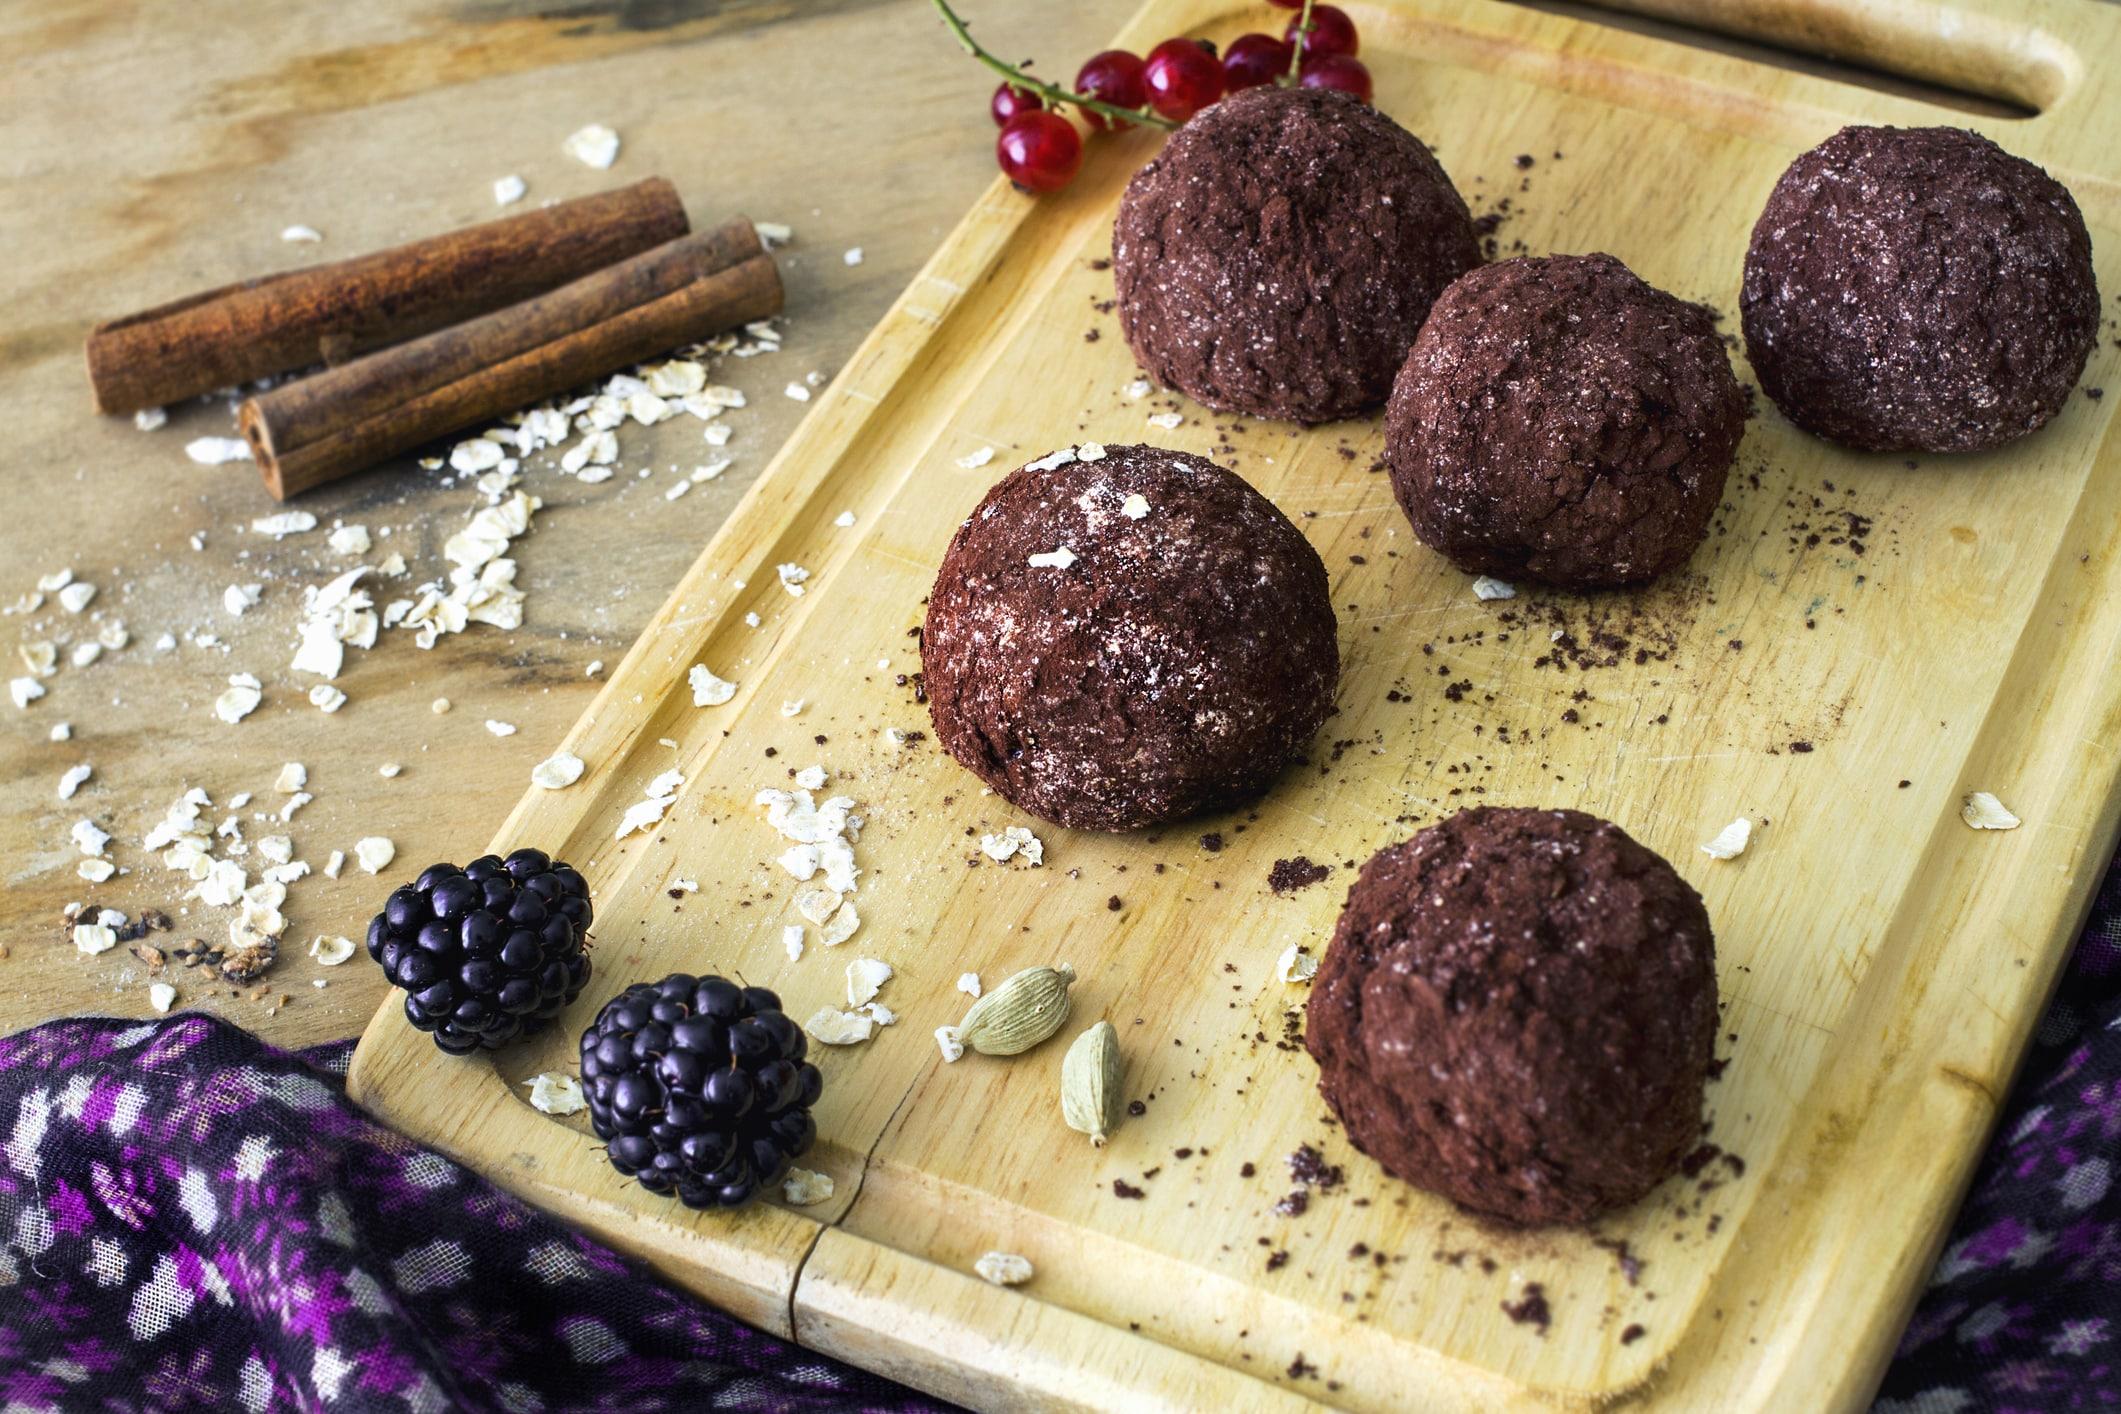 homemade-raw-healthy-vegan-chocolate-truffles-with-muesli-59929524-min